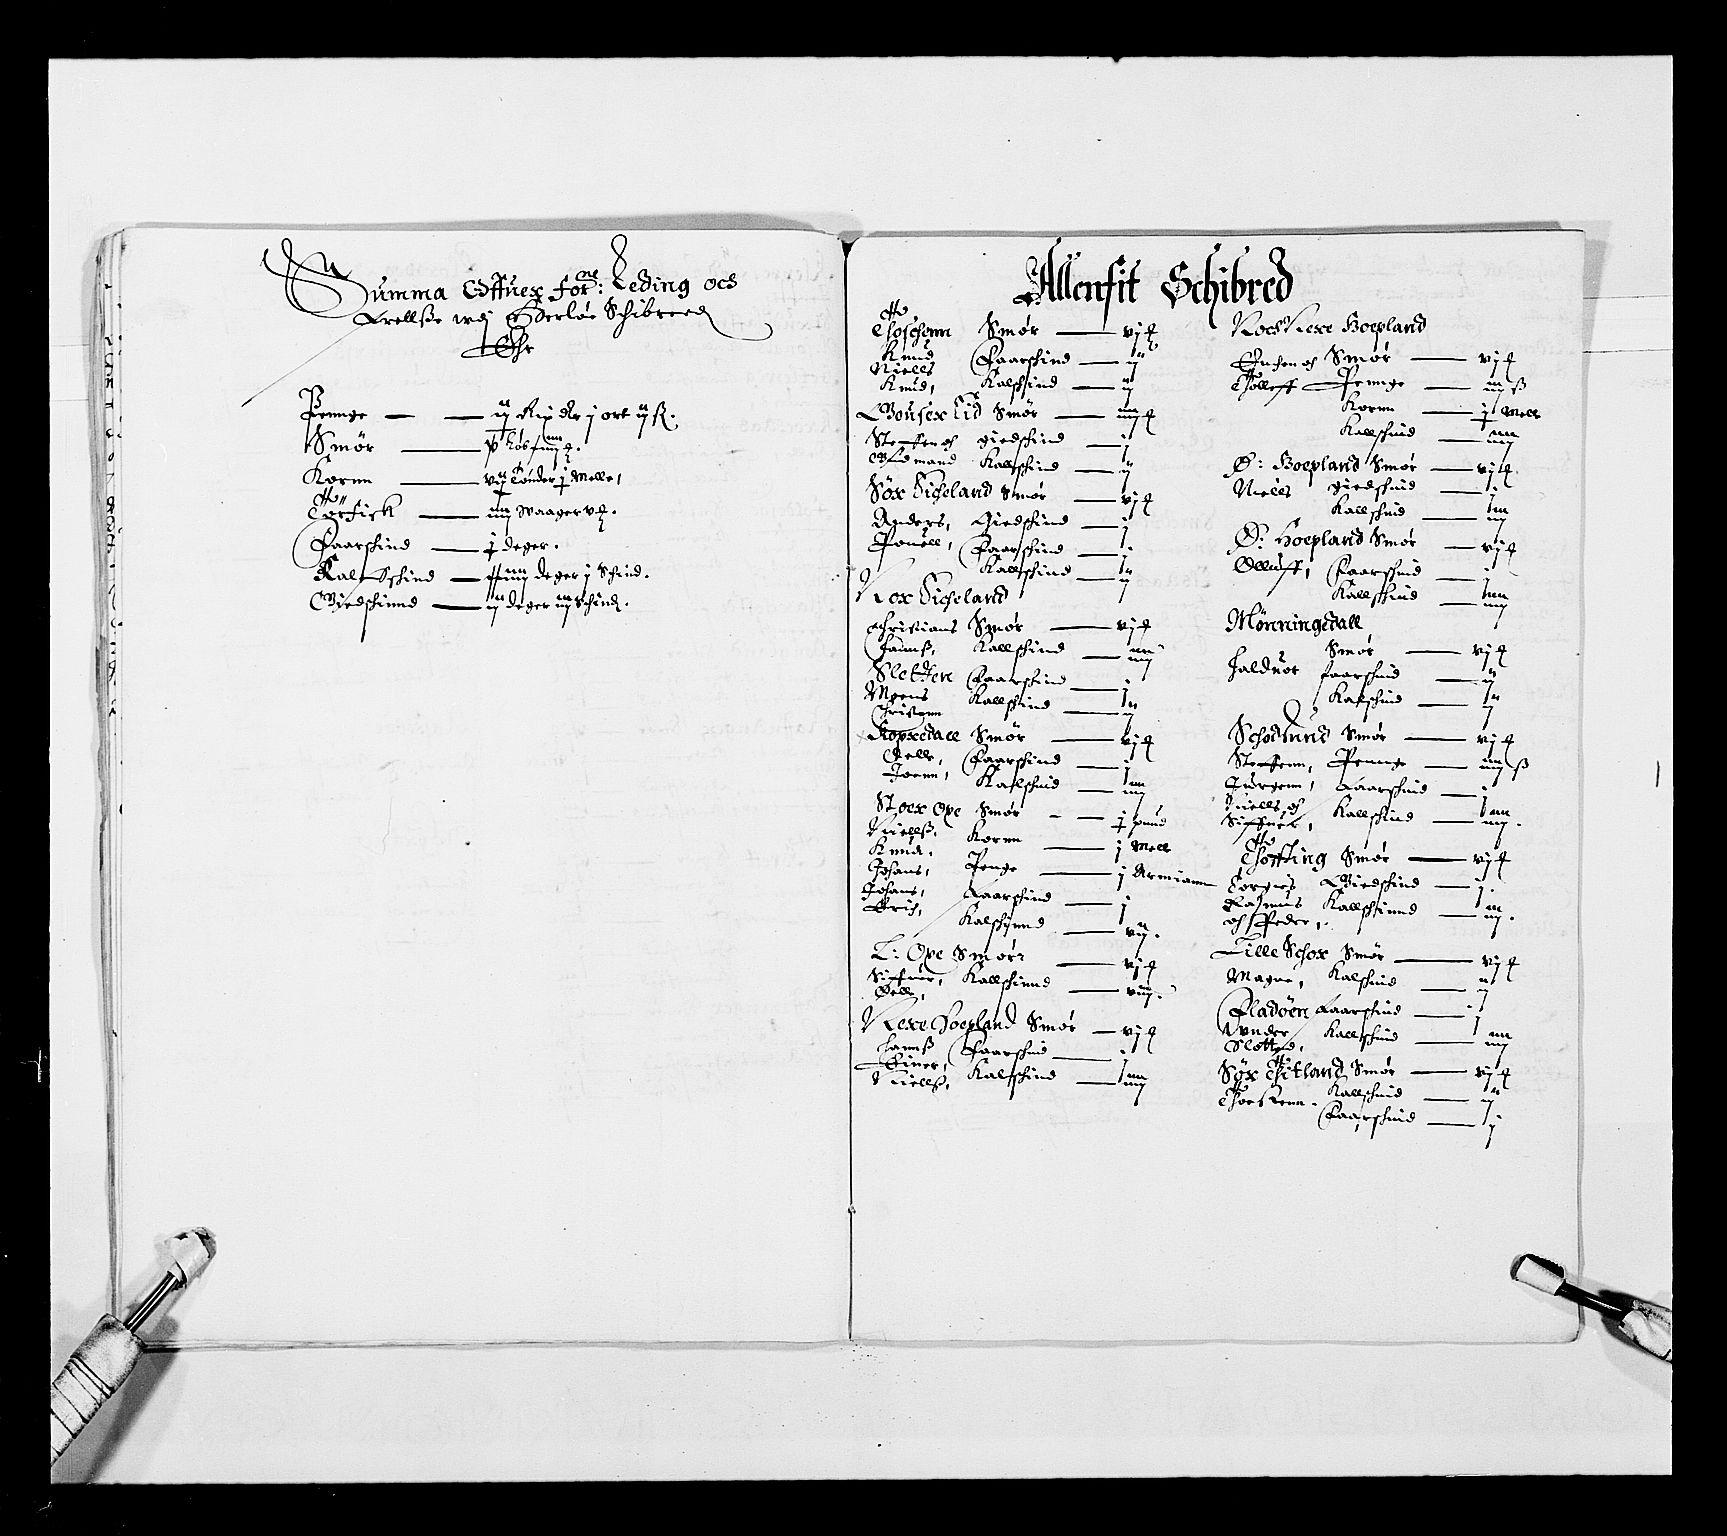 RA, Stattholderembetet 1572-1771, Ek/L0025: Jordebøker 1633-1658:, 1645-1646, s. 85